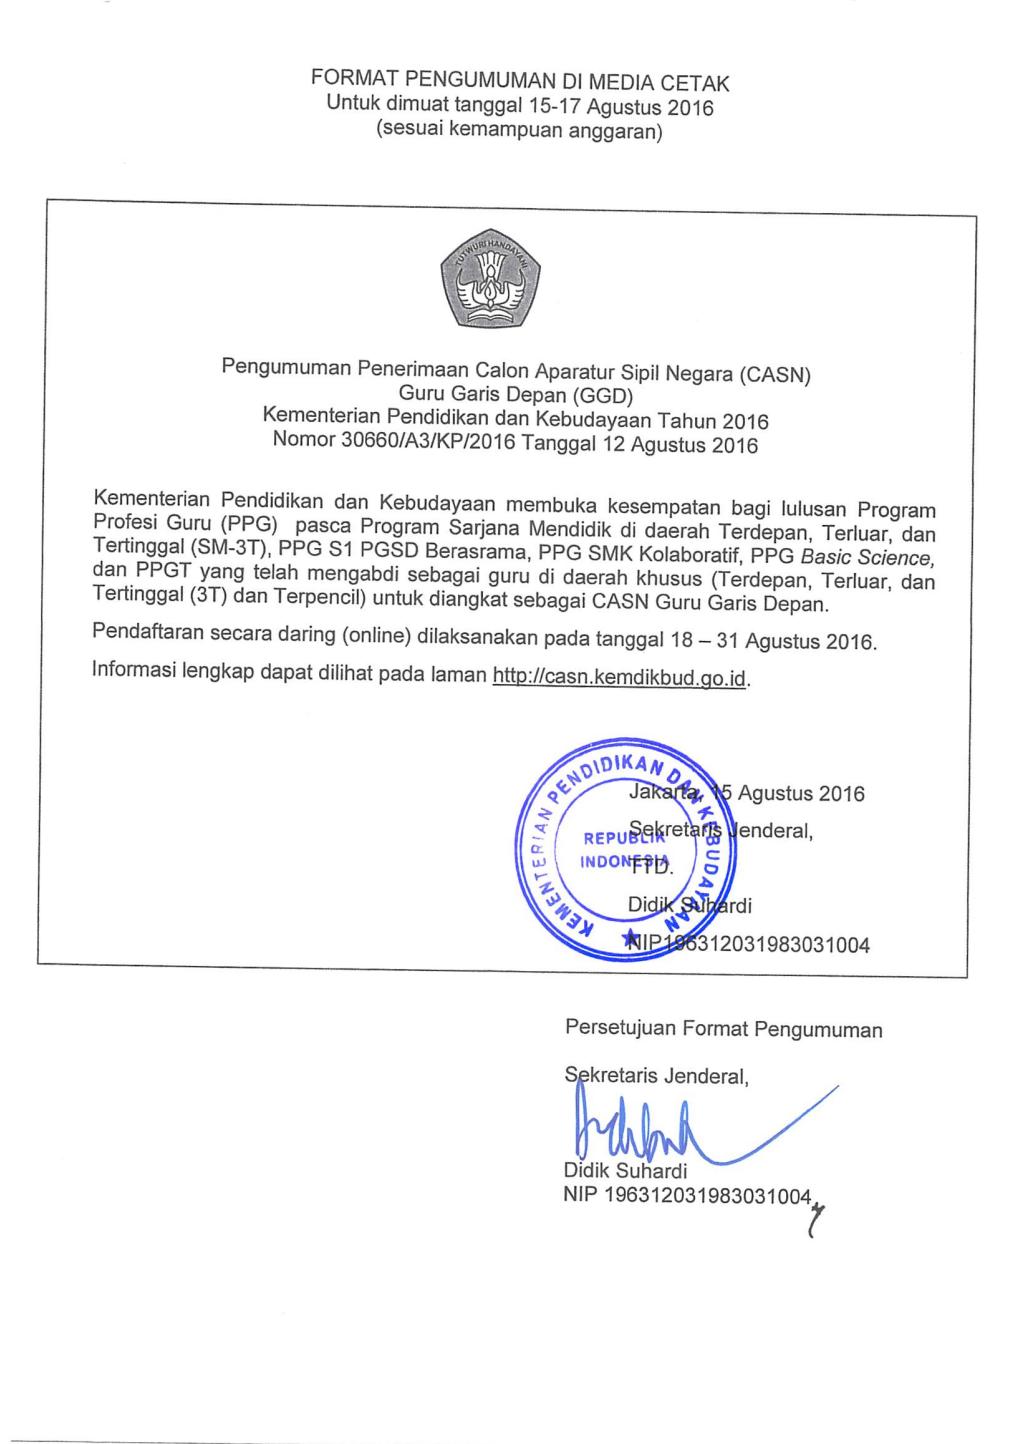 Penerimaan Cpns Guru Garis Depan Ggd Tahun 2016 Kemdikbud Cpns Pada Kementerian Pendidikan Dan